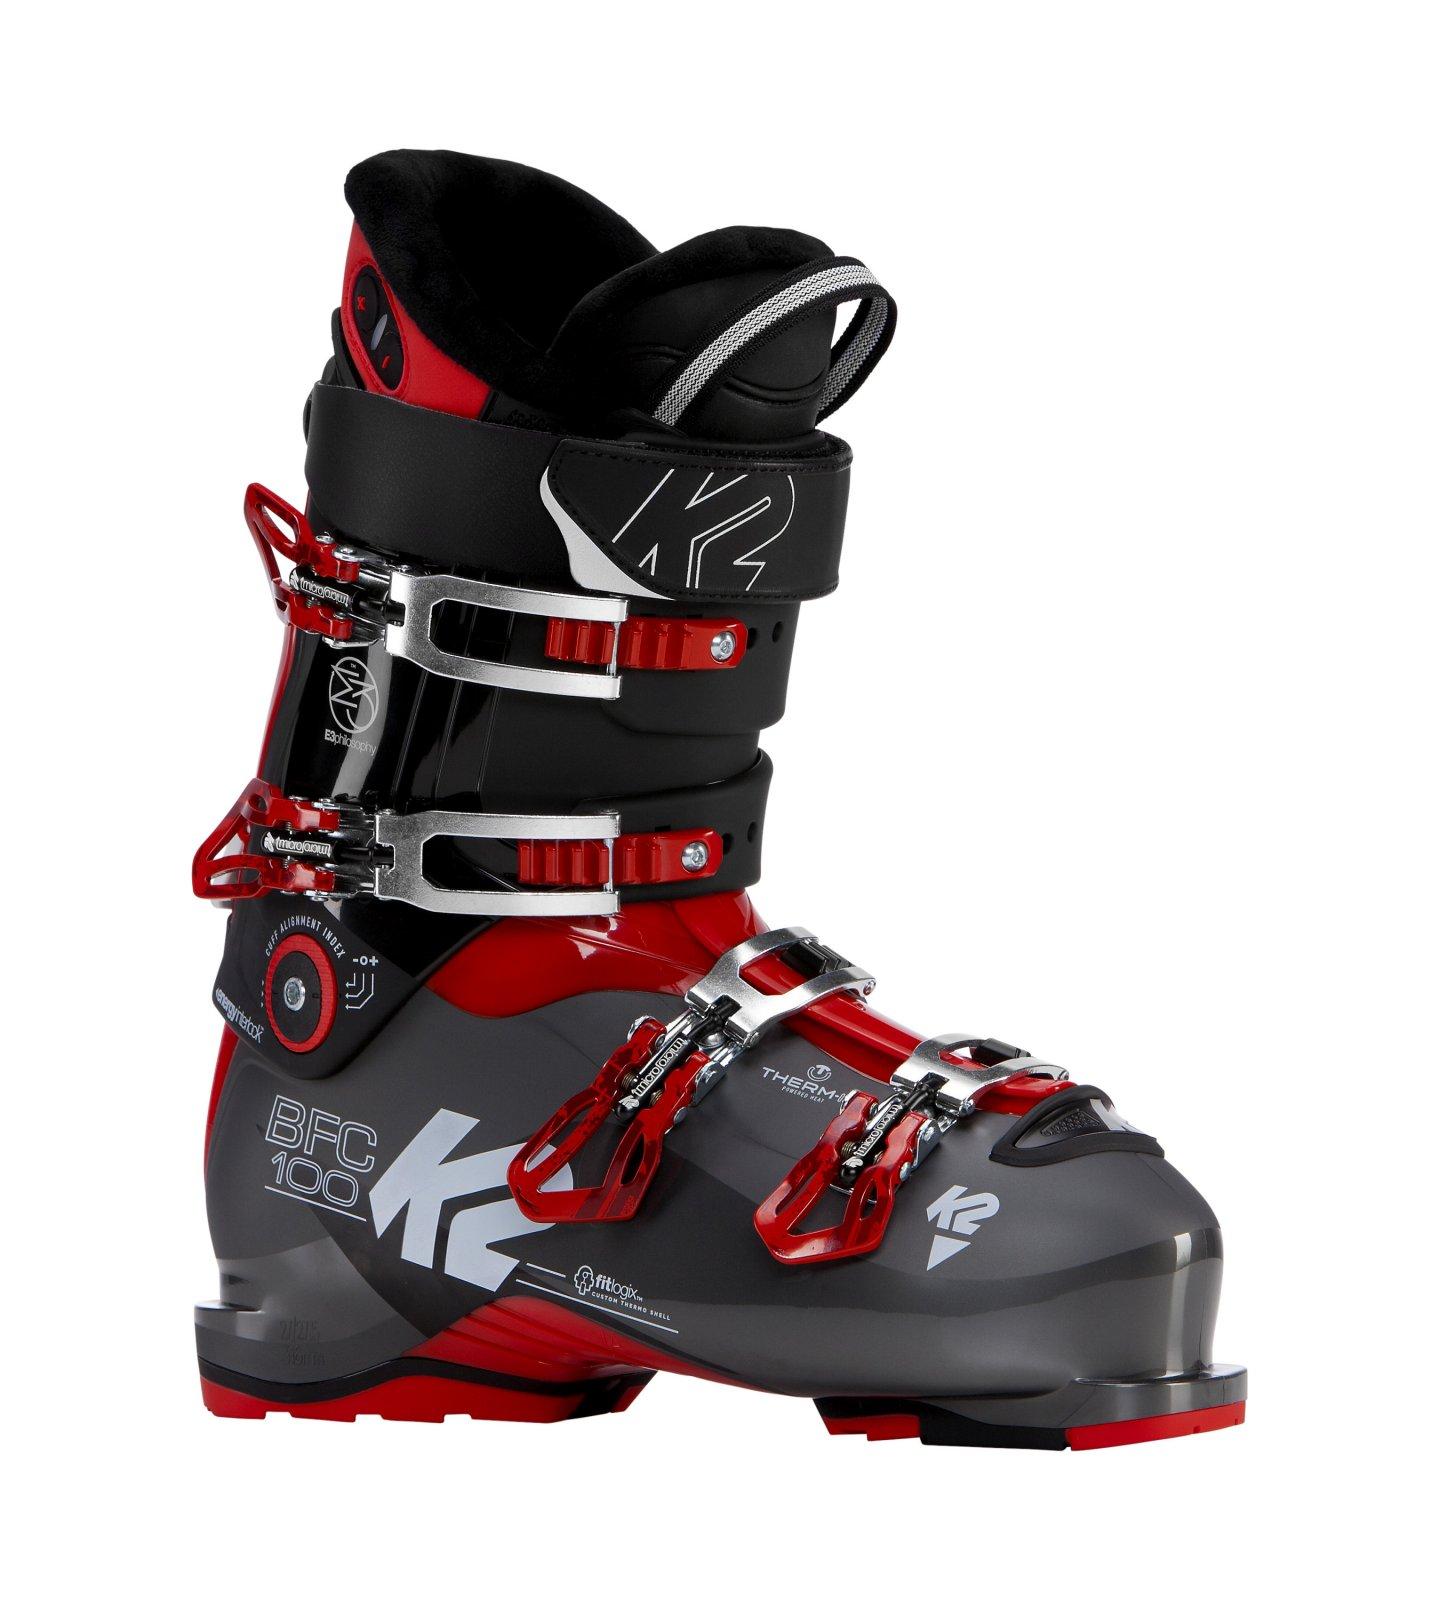 17/18 K2 BFC 100 Heat Ski Boots